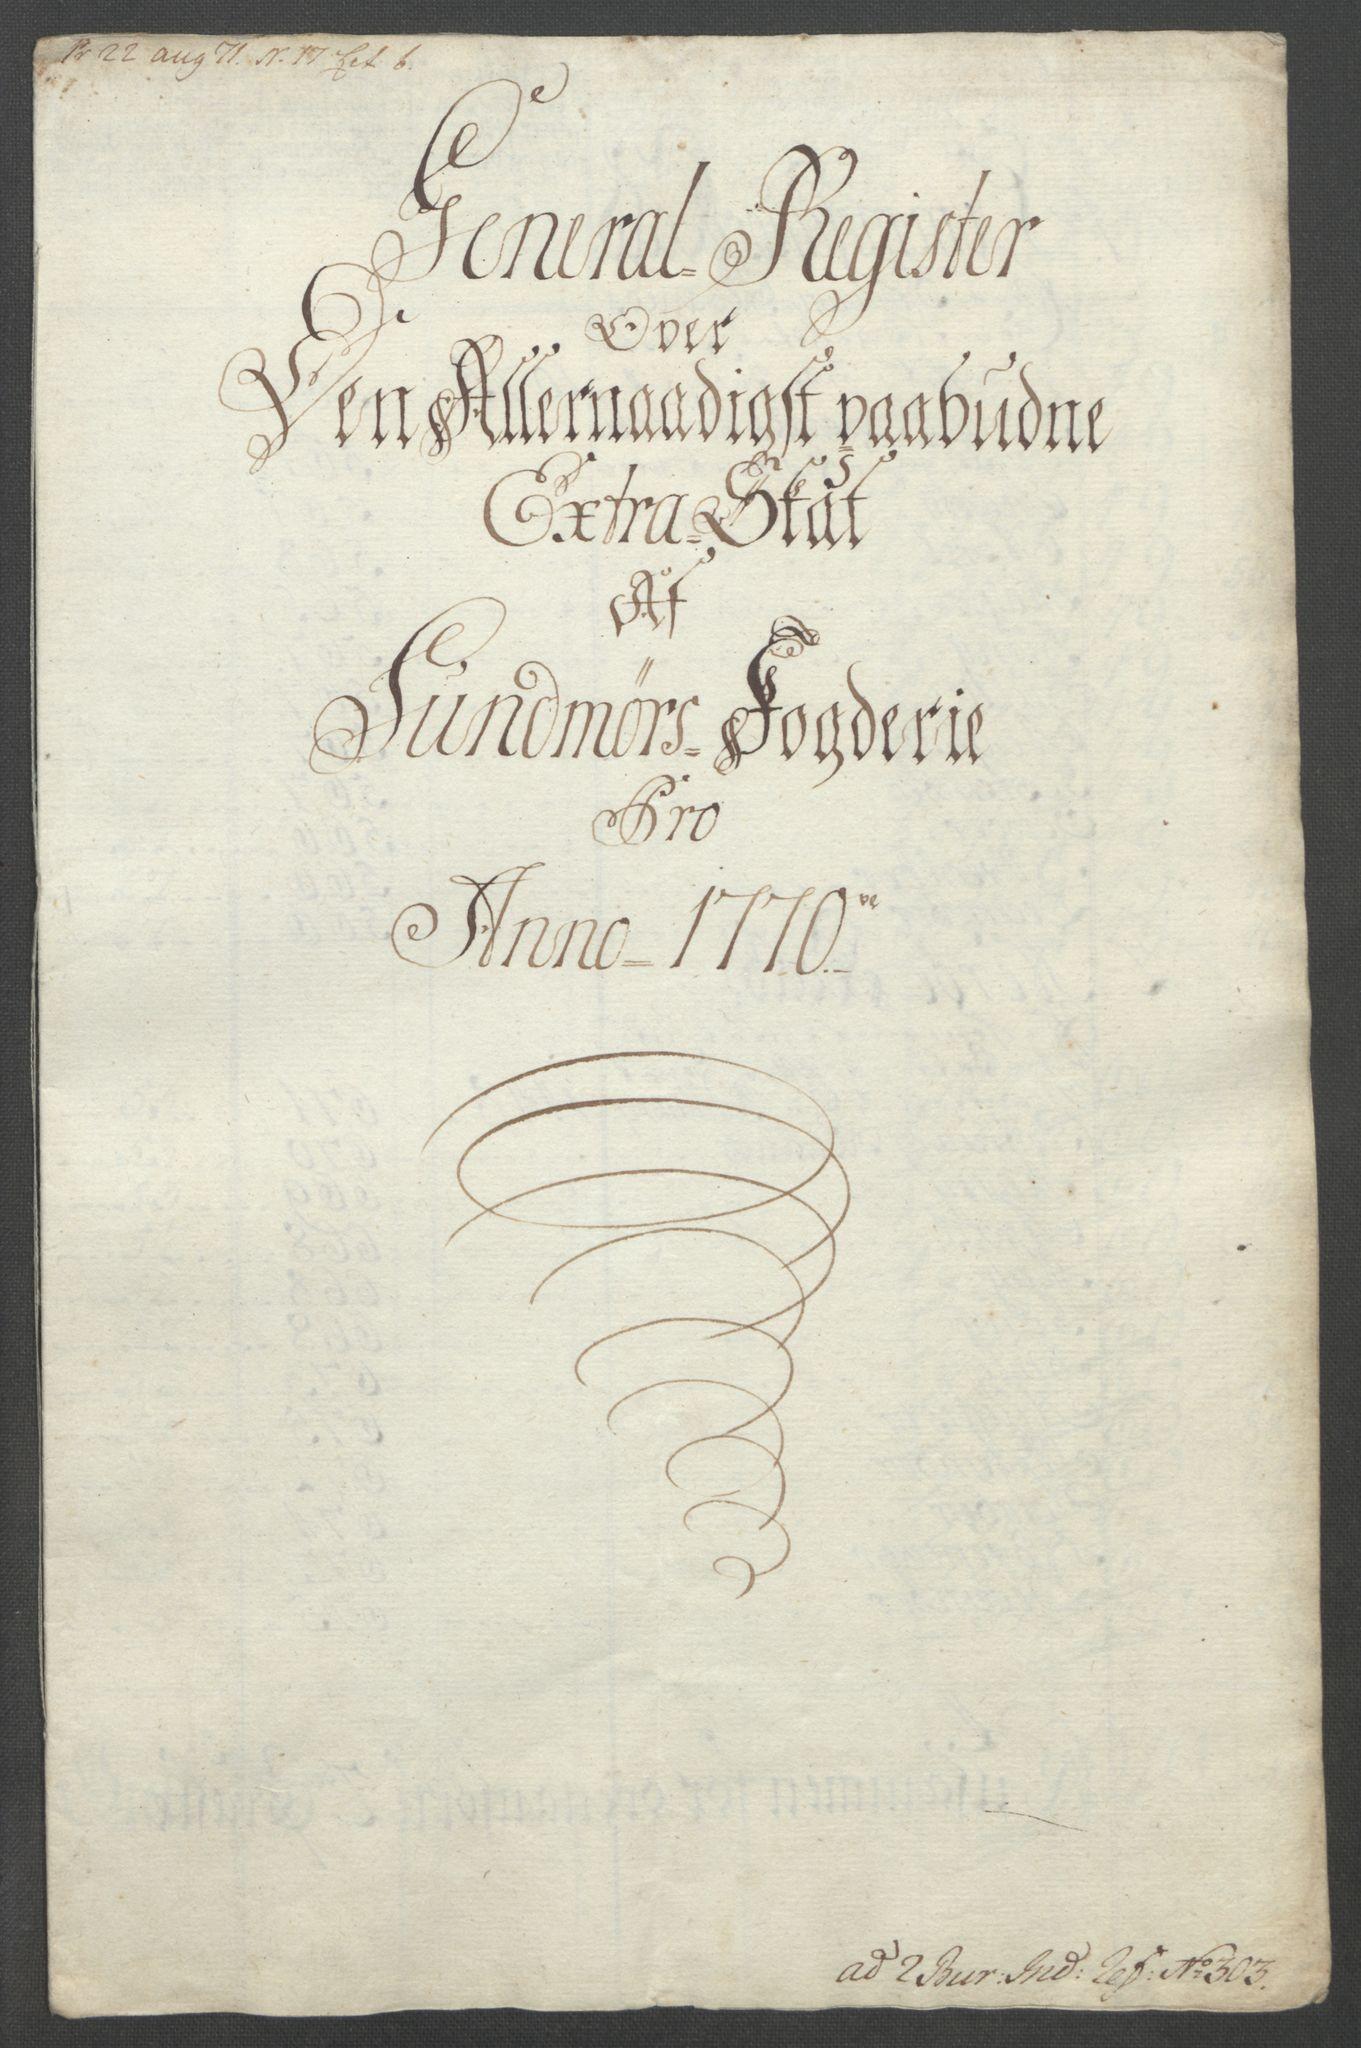 RA, Rentekammeret inntil 1814, Reviderte regnskaper, Fogderegnskap, R54/L3645: Ekstraskatten Sunnmøre, 1762-1772, s. 180